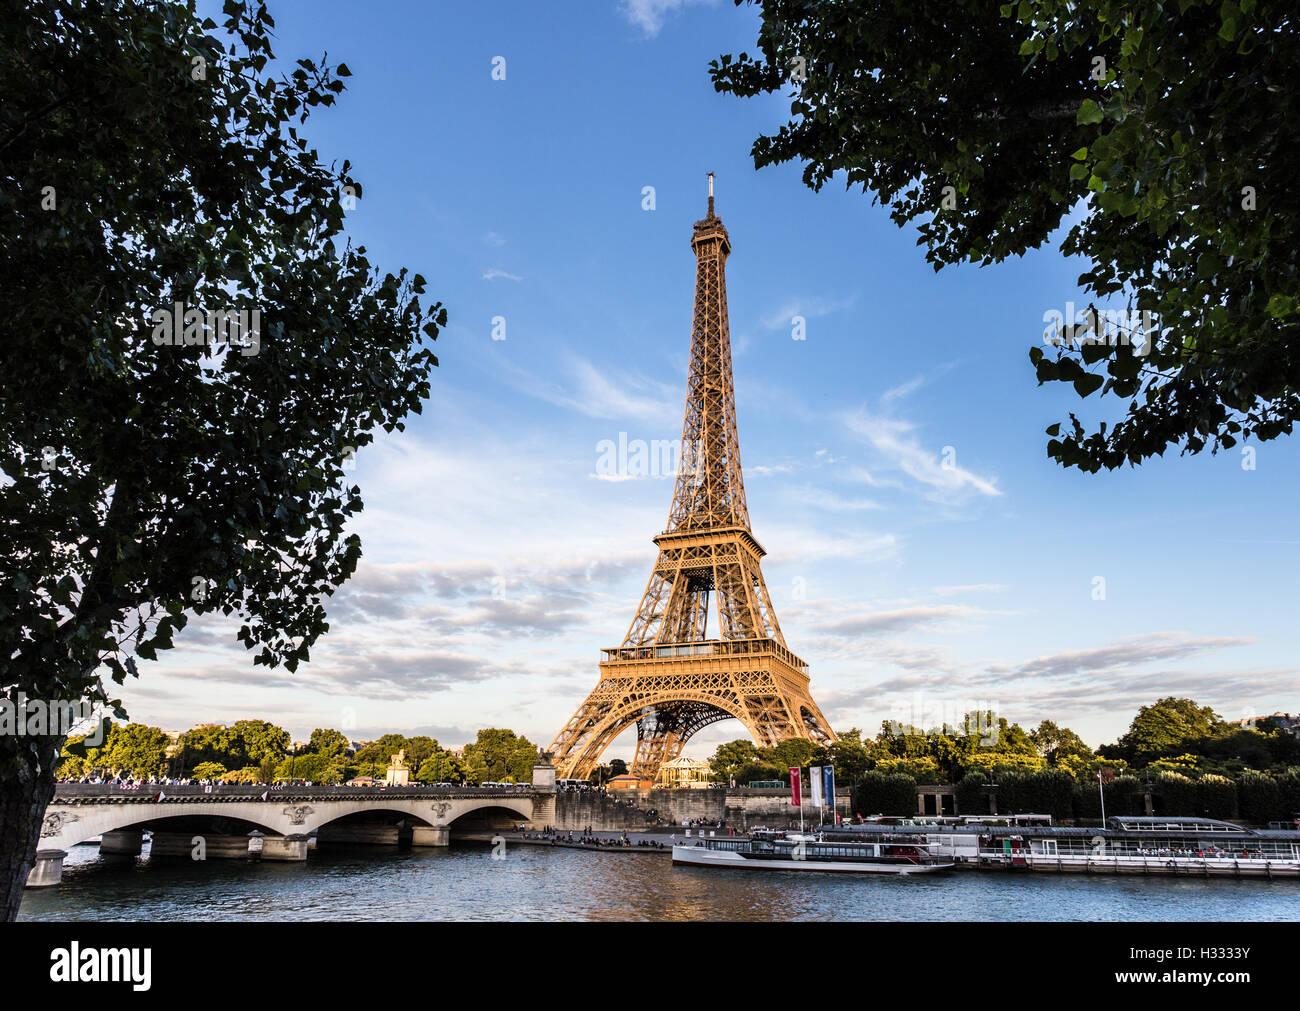 Puesta de sol en la Torre Eiffel, junto al río Sena en París, capital de Francia. Imagen De Stock